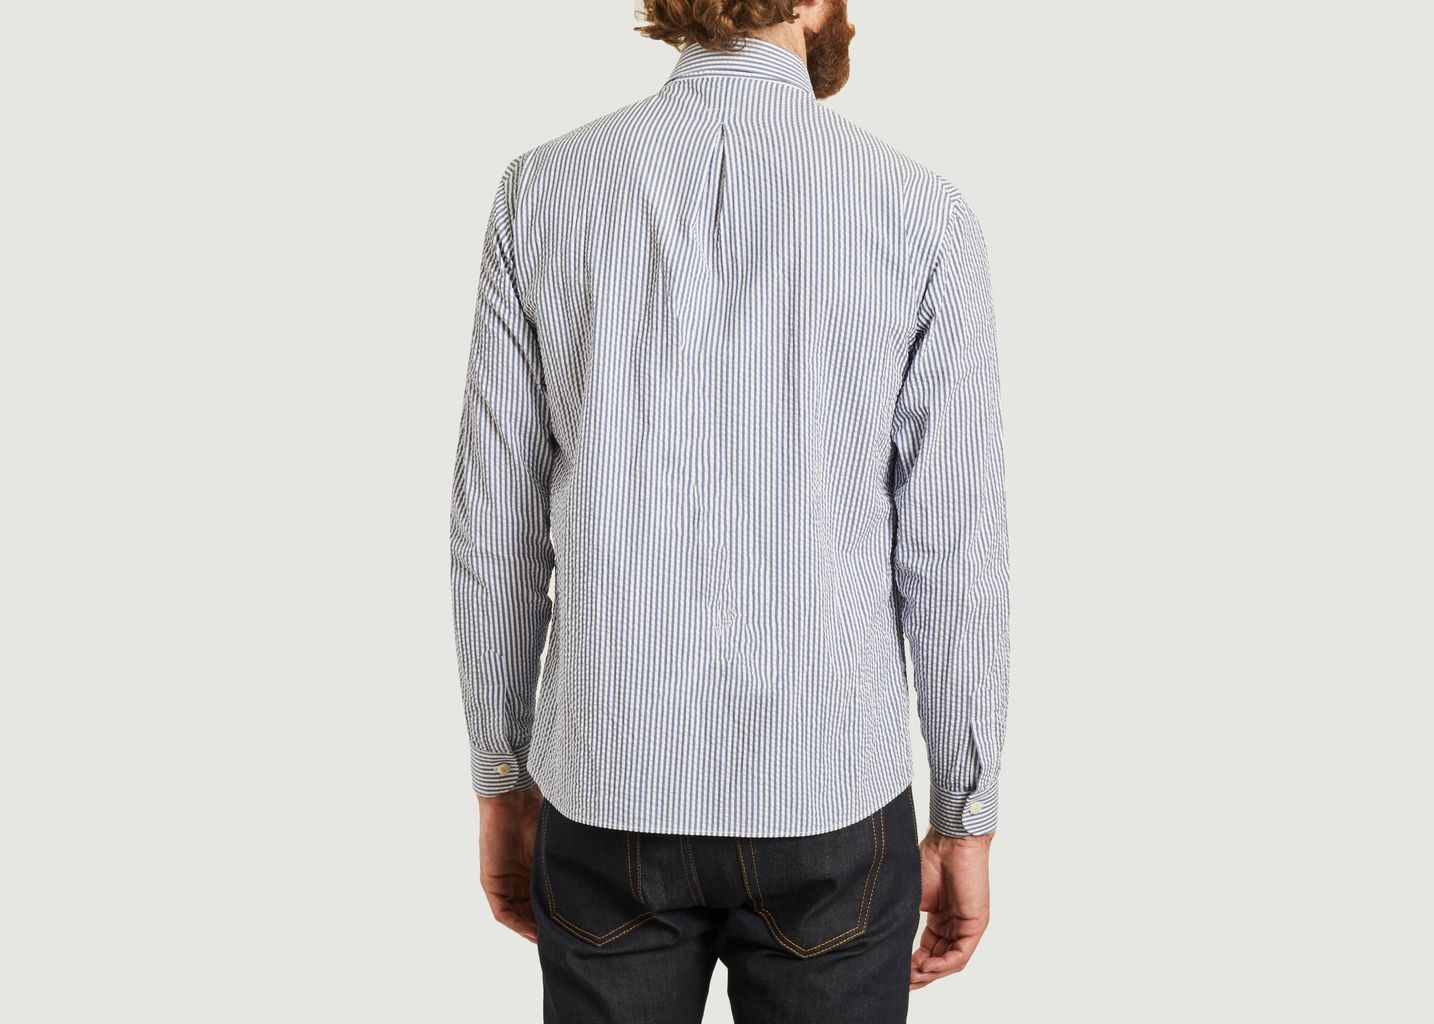 Chemise Kimi - A.B.C.L. Garments